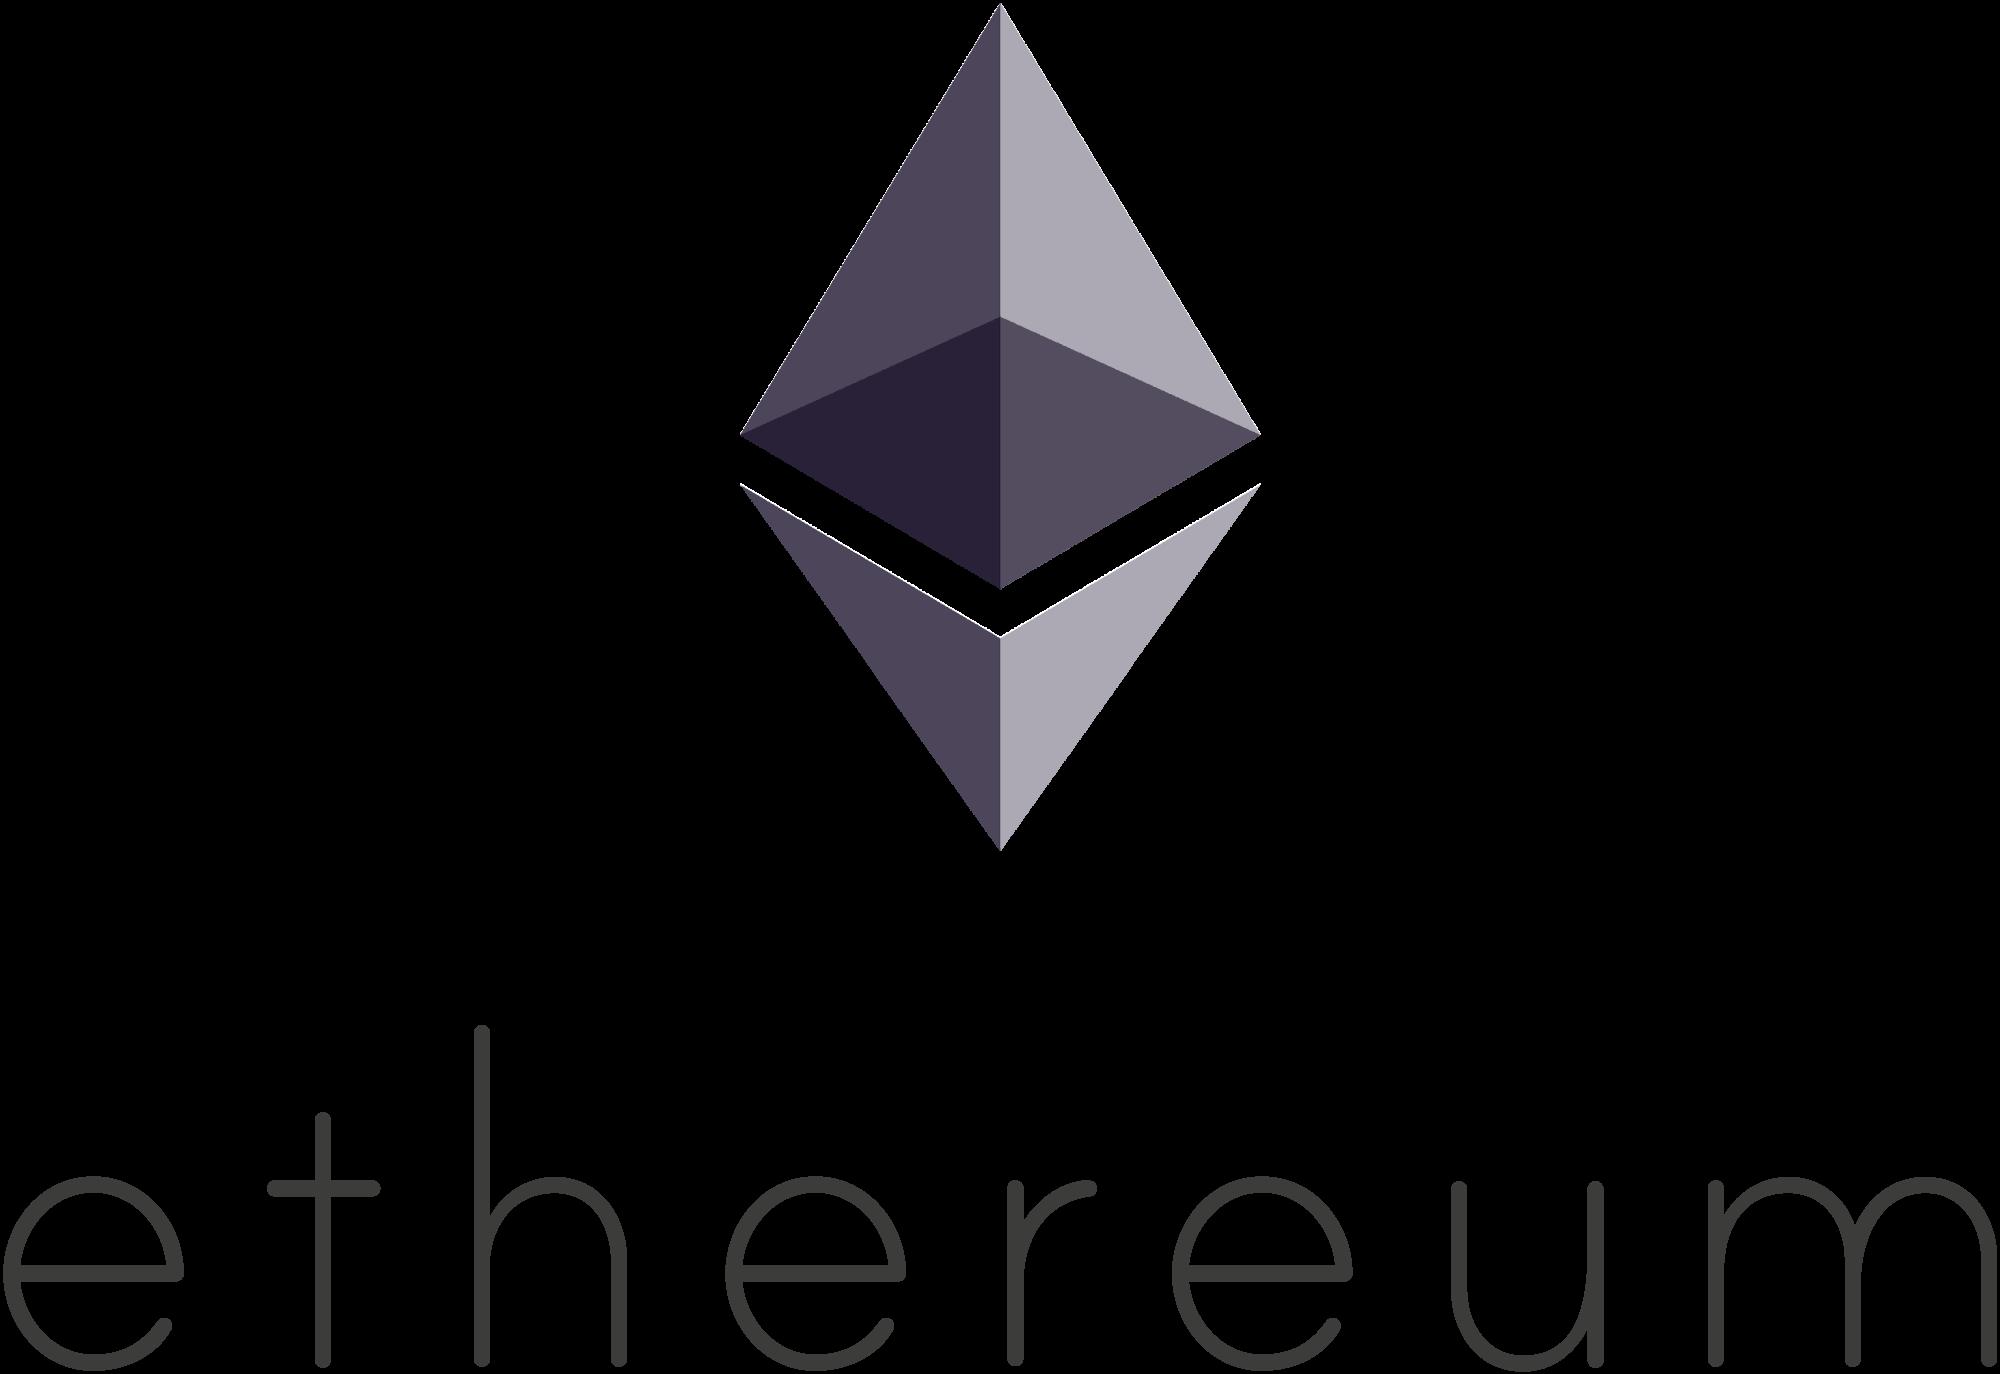 ethereum kopen logo